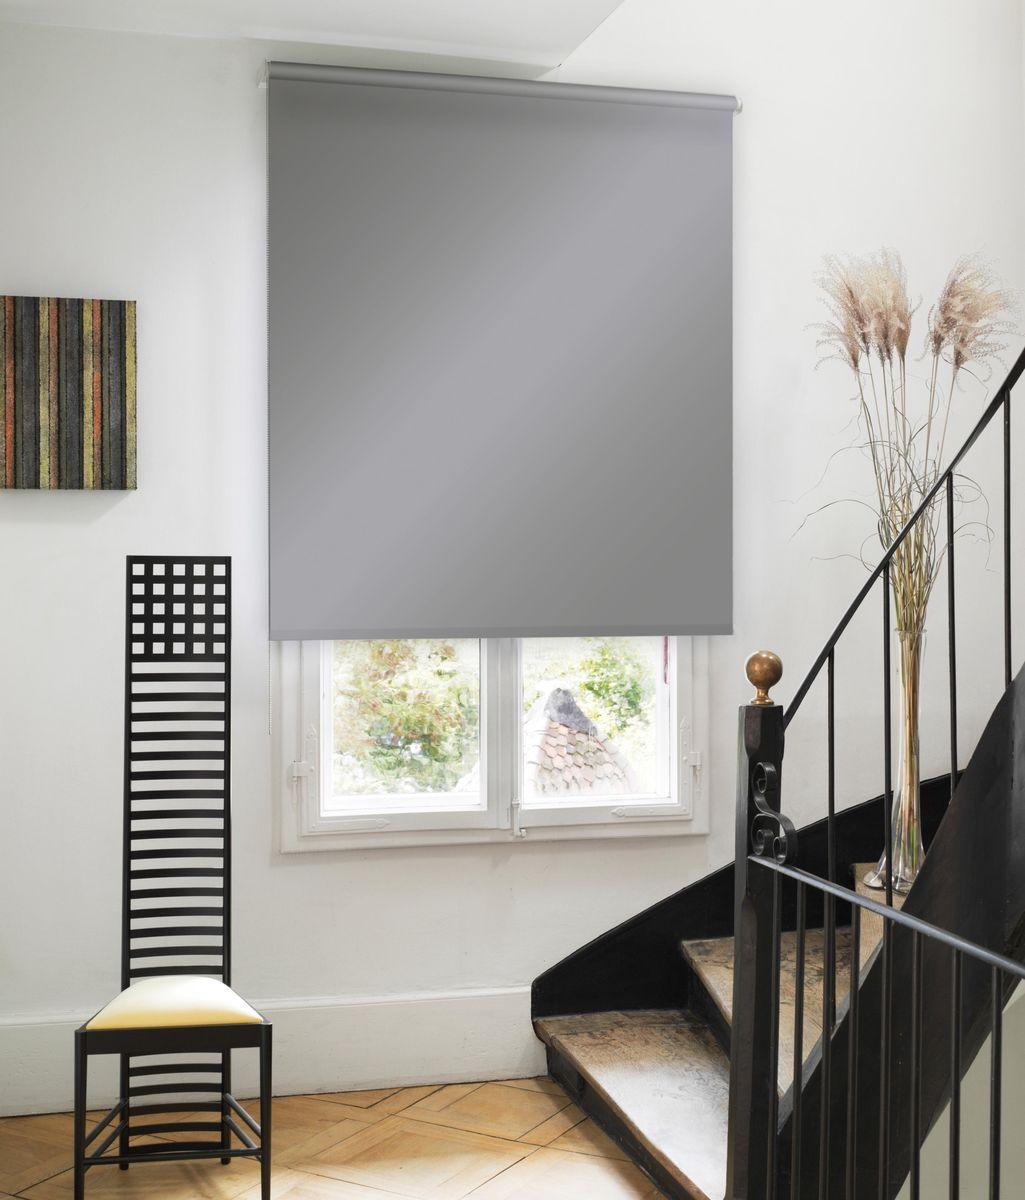 Штора рулонная Эскар Ролло. Однотонные, цвет: серый, ширина 60 см, высота 170 см81020060170Рулонными шторами можно оформлять окна как самостоятельно, так ииспользовать в комбинации с портьерами. Это поможет предотвратитьвыгорание дорогой ткани на солнце и соединит функционал рулонных скрасотой навесных. Преимущества применения рулонных штор для пластиковых окон: - имеют прекрасный внешний вид: многообразие и фактурность материалаизделия отлично смотрятся в любом интерьере;- многофункциональны: есть возможность подобрать шторы способныеэффективно защитить комнату от солнца, при этом о на не будет слишкомтемной.- Есть возможность осуществить быстрый монтаж. ВНИМАНИЕ! Размеры ширины изделия указаны по ширине ткани! Во время эксплуатации не рекомендуется полностью разматывать рулон, чтобыне оторвать ткань от намоточного вала. В случае загрязнения поверхности ткани, чистку шторы проводят одним изспособов, в зависимости от типа загрязнения:легкое поверхностное загрязнение можно удалить при помощи канцелярскоголастика;чистка от пыли производится сухим методом при помощи пылесоса с мягкойщеткой-насадкой;для удаления пятна используйте мягкую губку с пенообразующим неагрессивныммоющим средством или пятновыводитель на натуральной основе (нельзяприменять растворители).